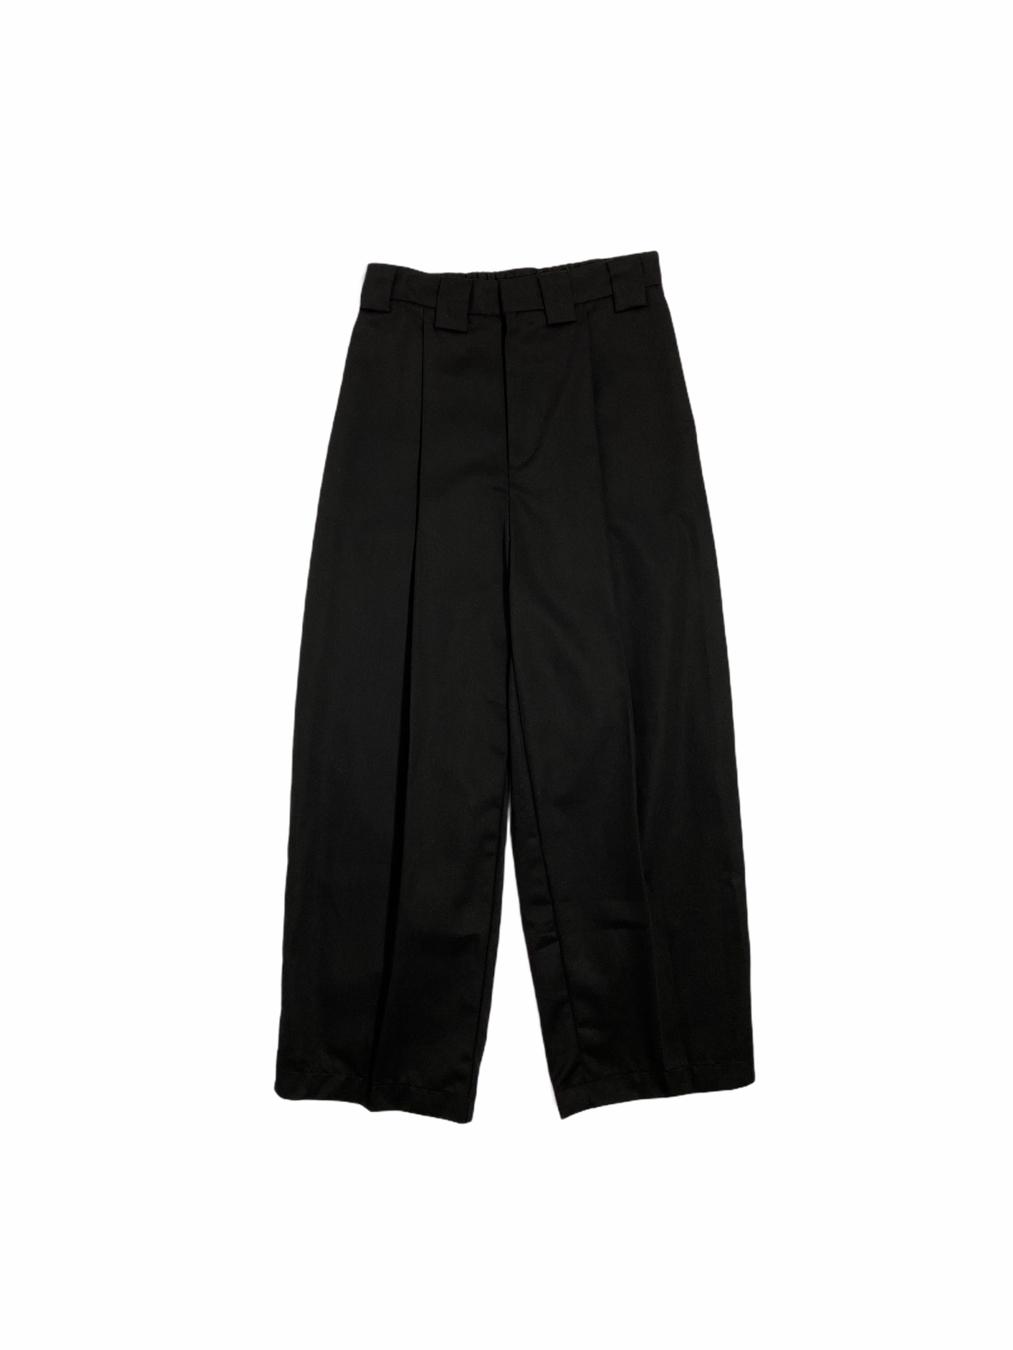 I Miss You Pants (Black)